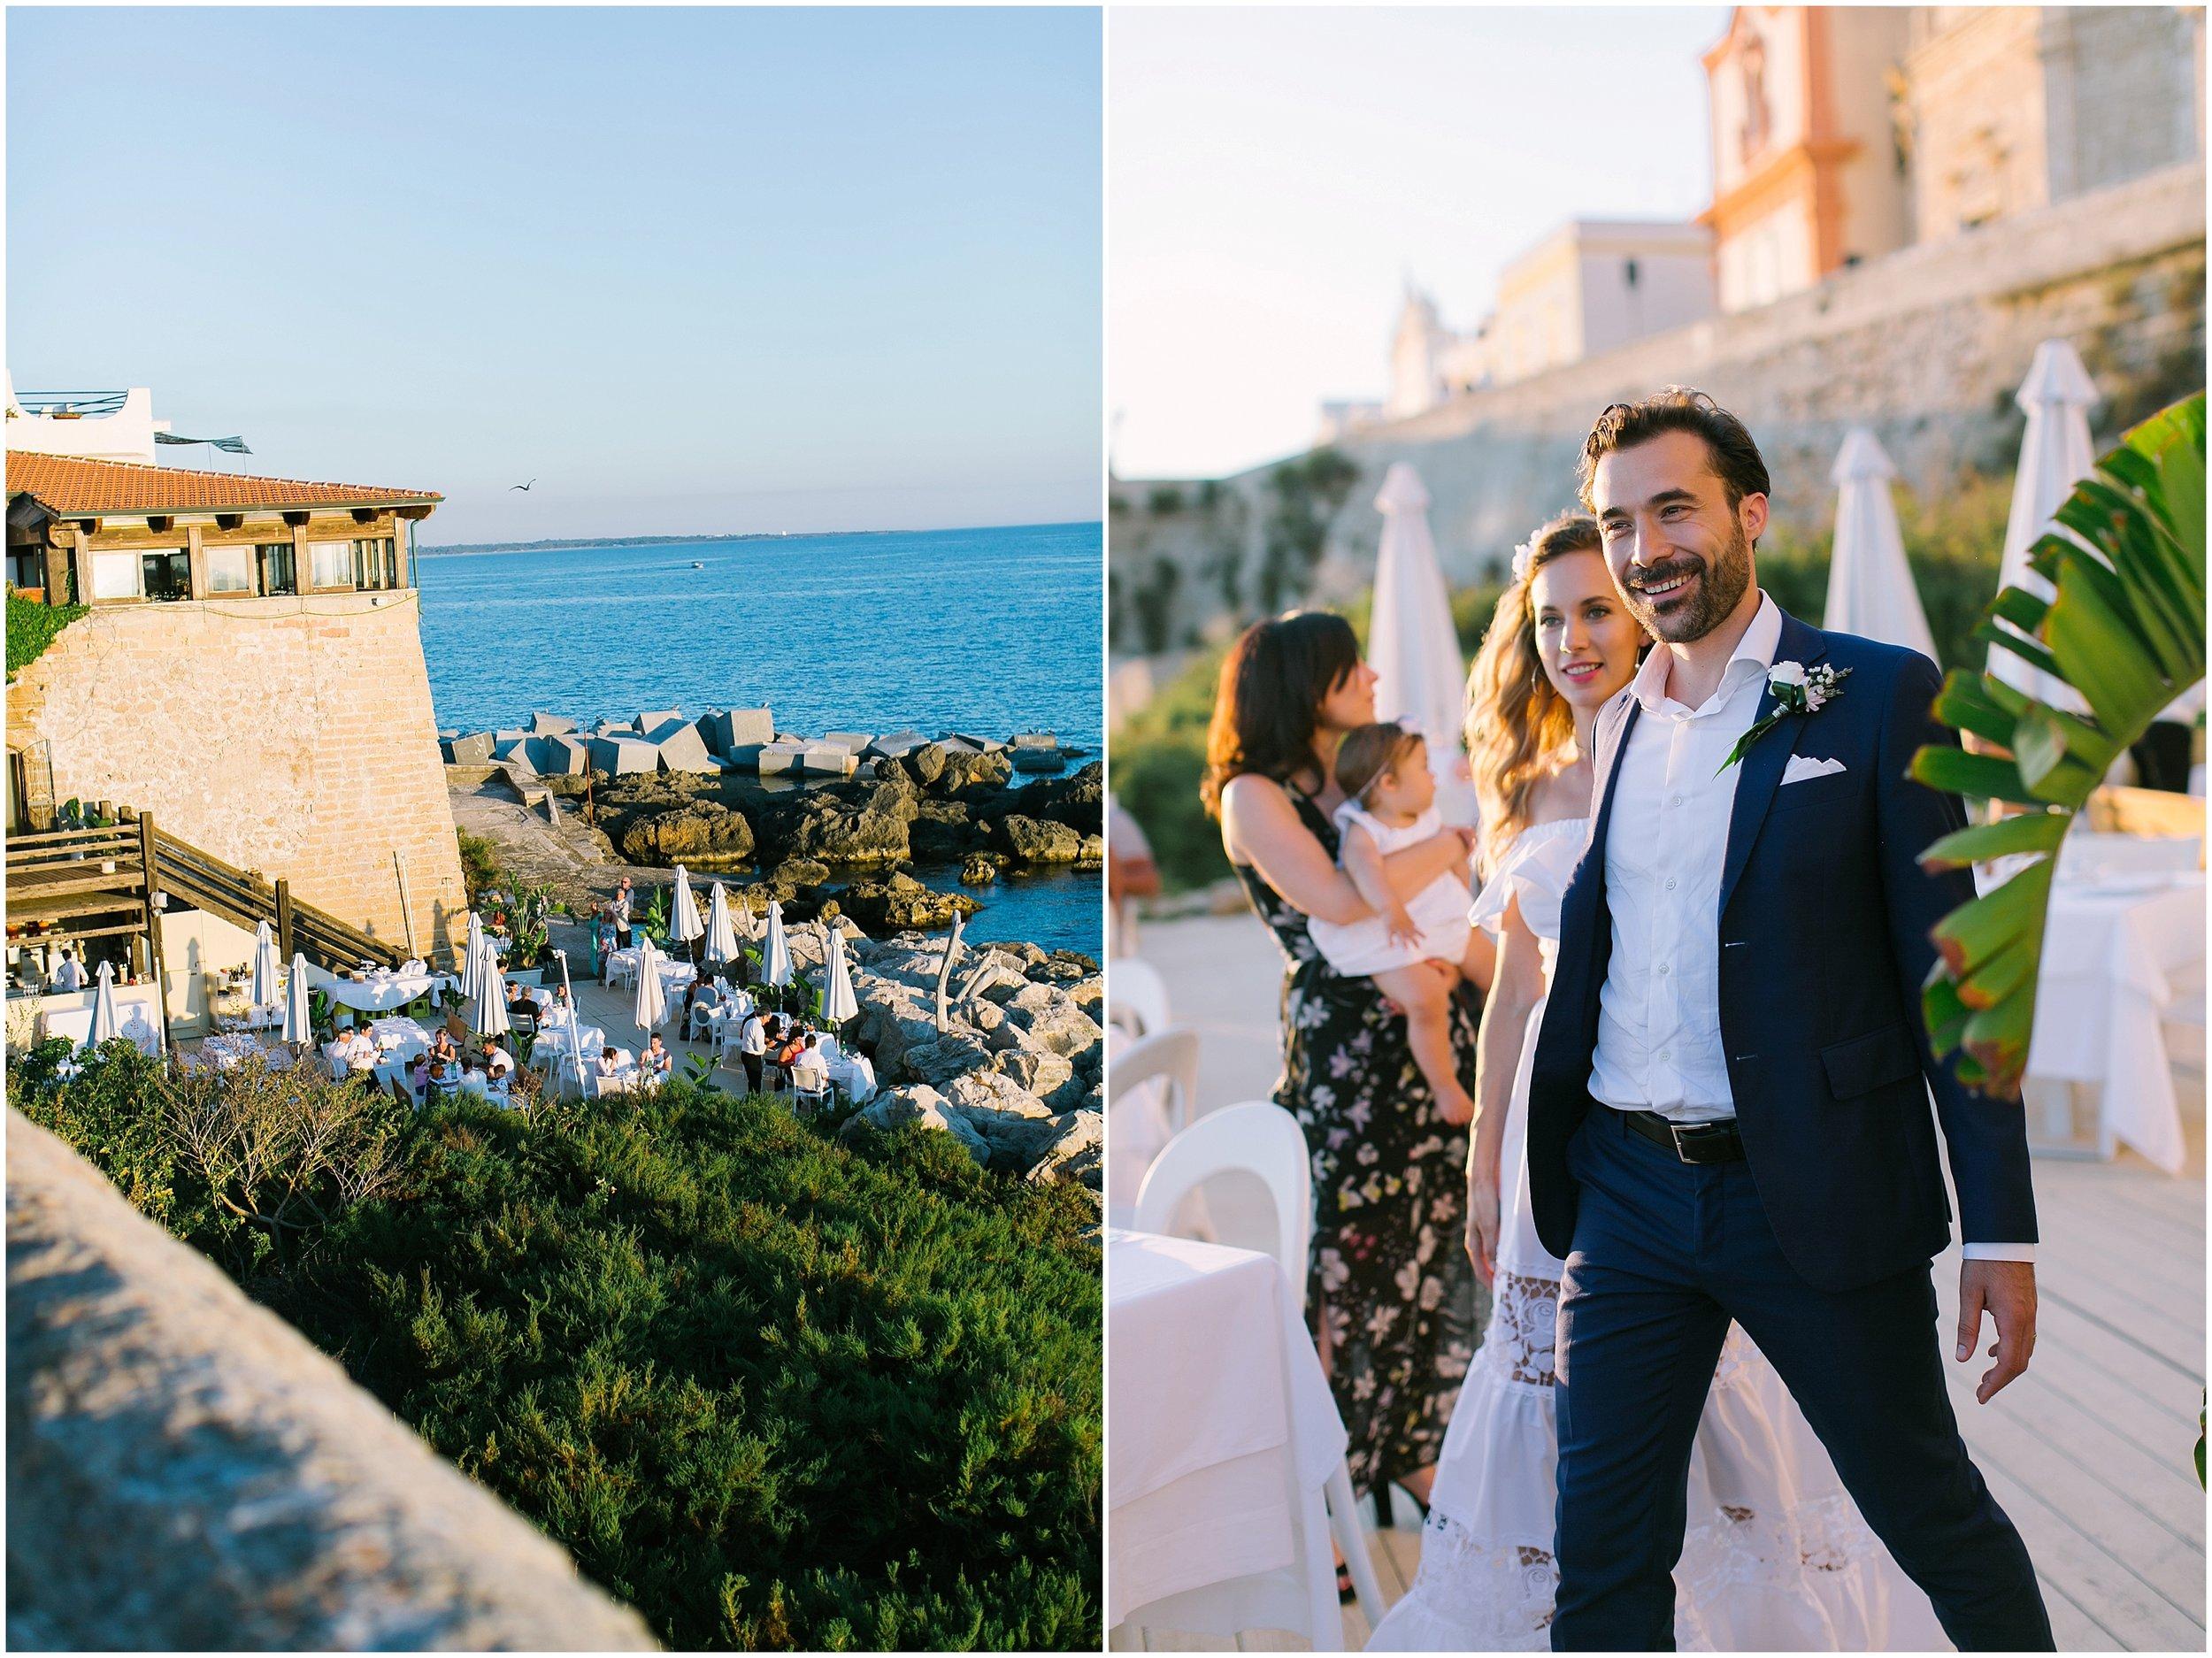 Alea Lovely Destination Wedding Photographer Italy_0043.jpg